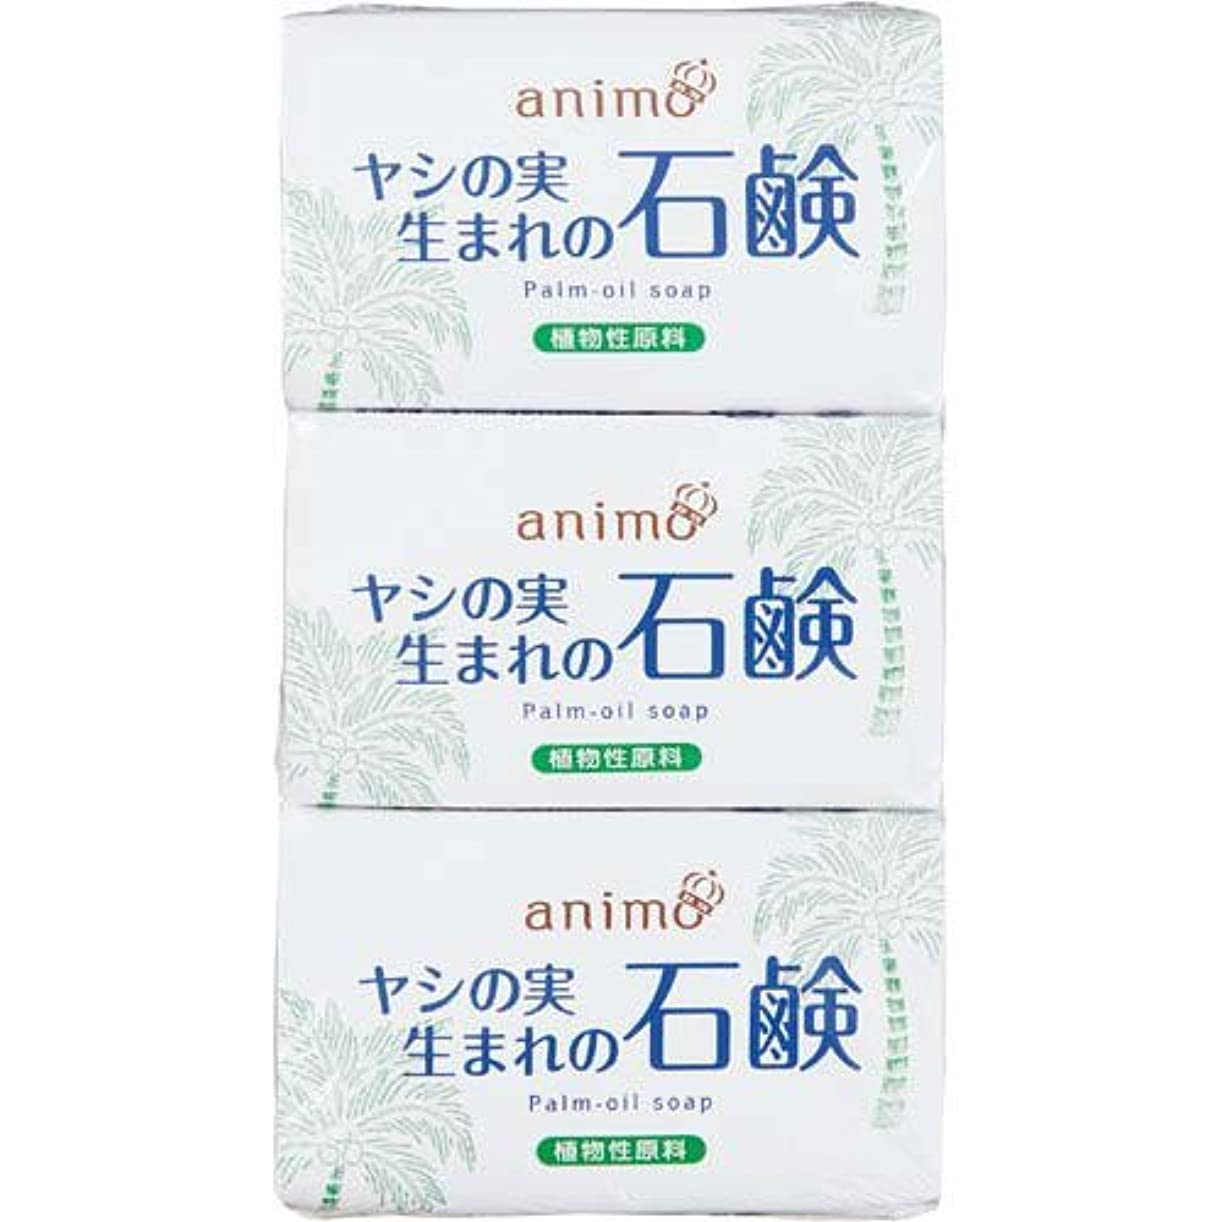 亜熱帯性差別確かなロケット石鹸 ヤシの実石鹸 80g×3個×10パック